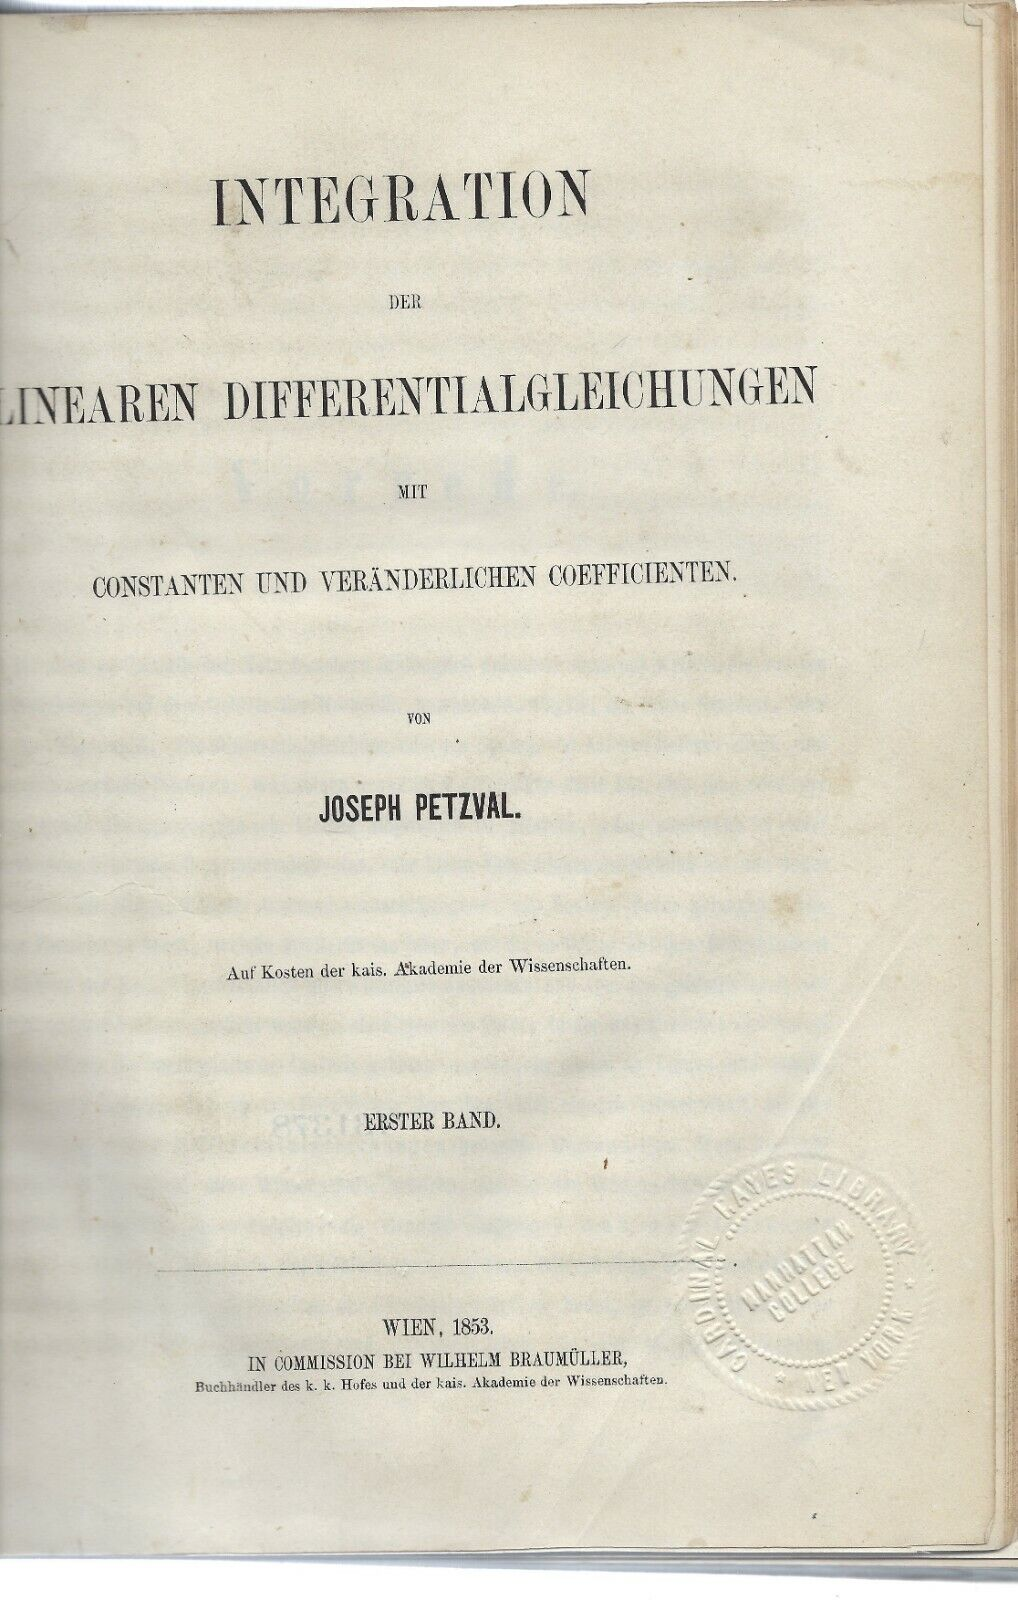 Seltenes mathematisches Werk von Josef Max. Petzval - Wien, 1853 - 1859